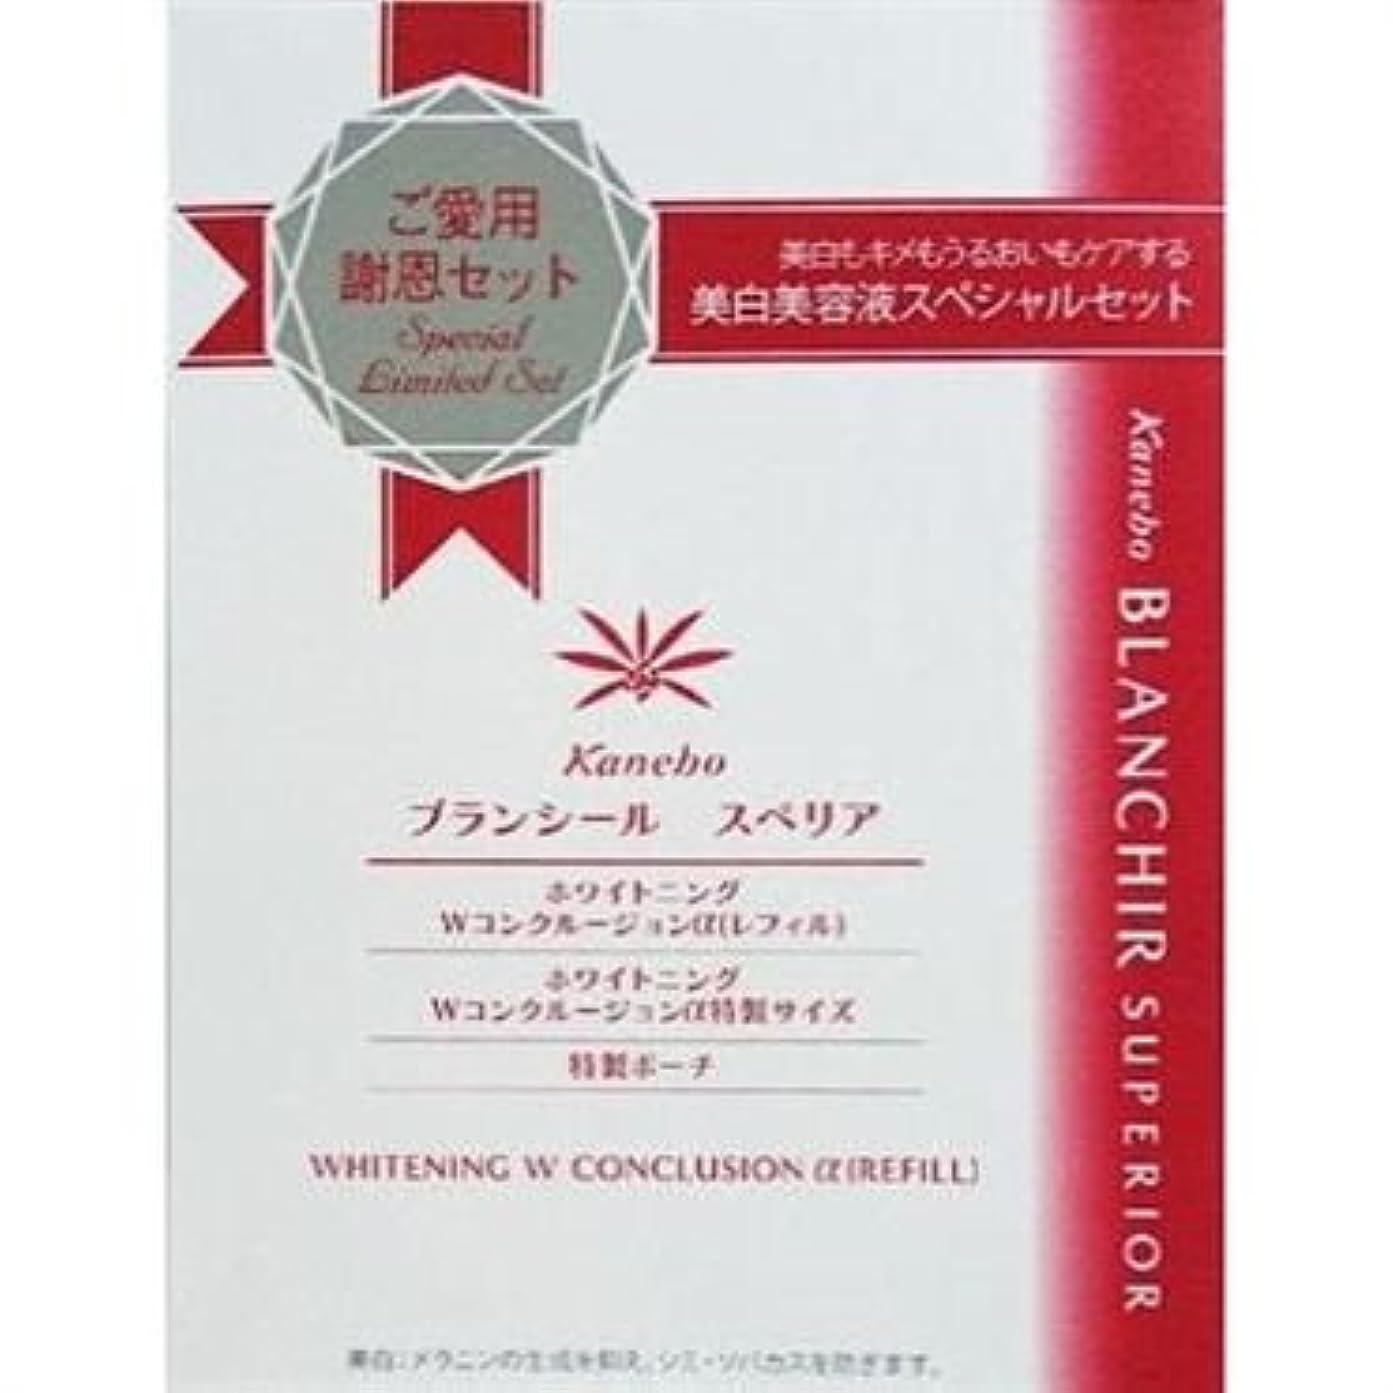 間欠成人期ピザ限定版 カネボウ ブランシール スペリア ホワイトニング Wコンクルージョンa(レフィル)セットⅢ